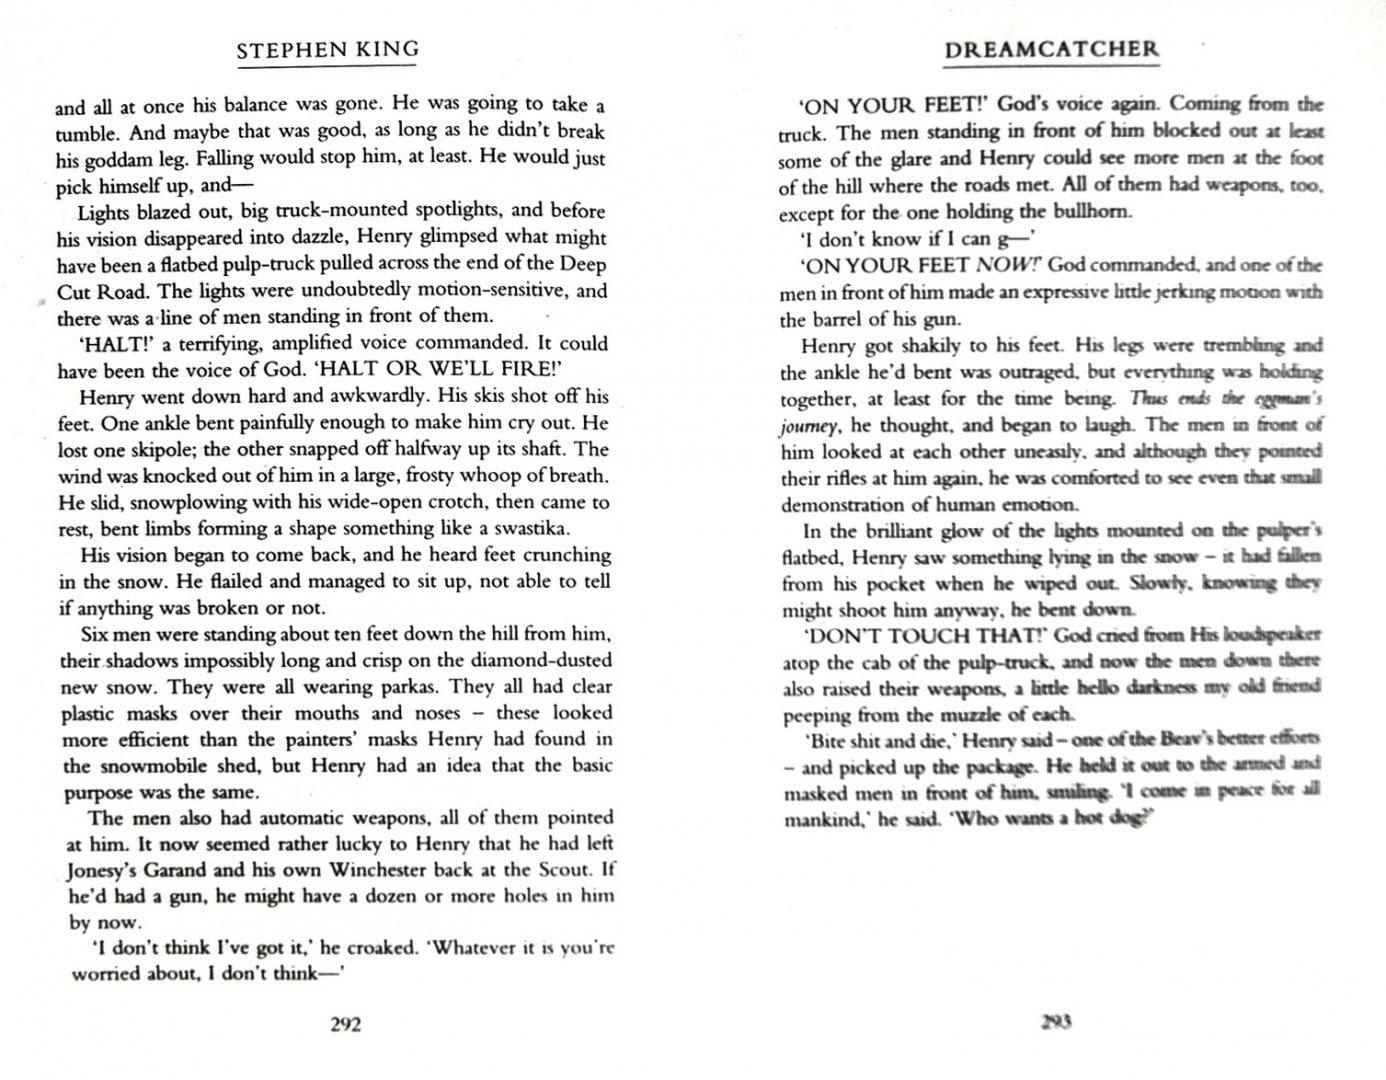 Иллюстрация 1 из 5 для Dreamcatcher - Stephen King | Лабиринт - книги. Источник: Лабиринт